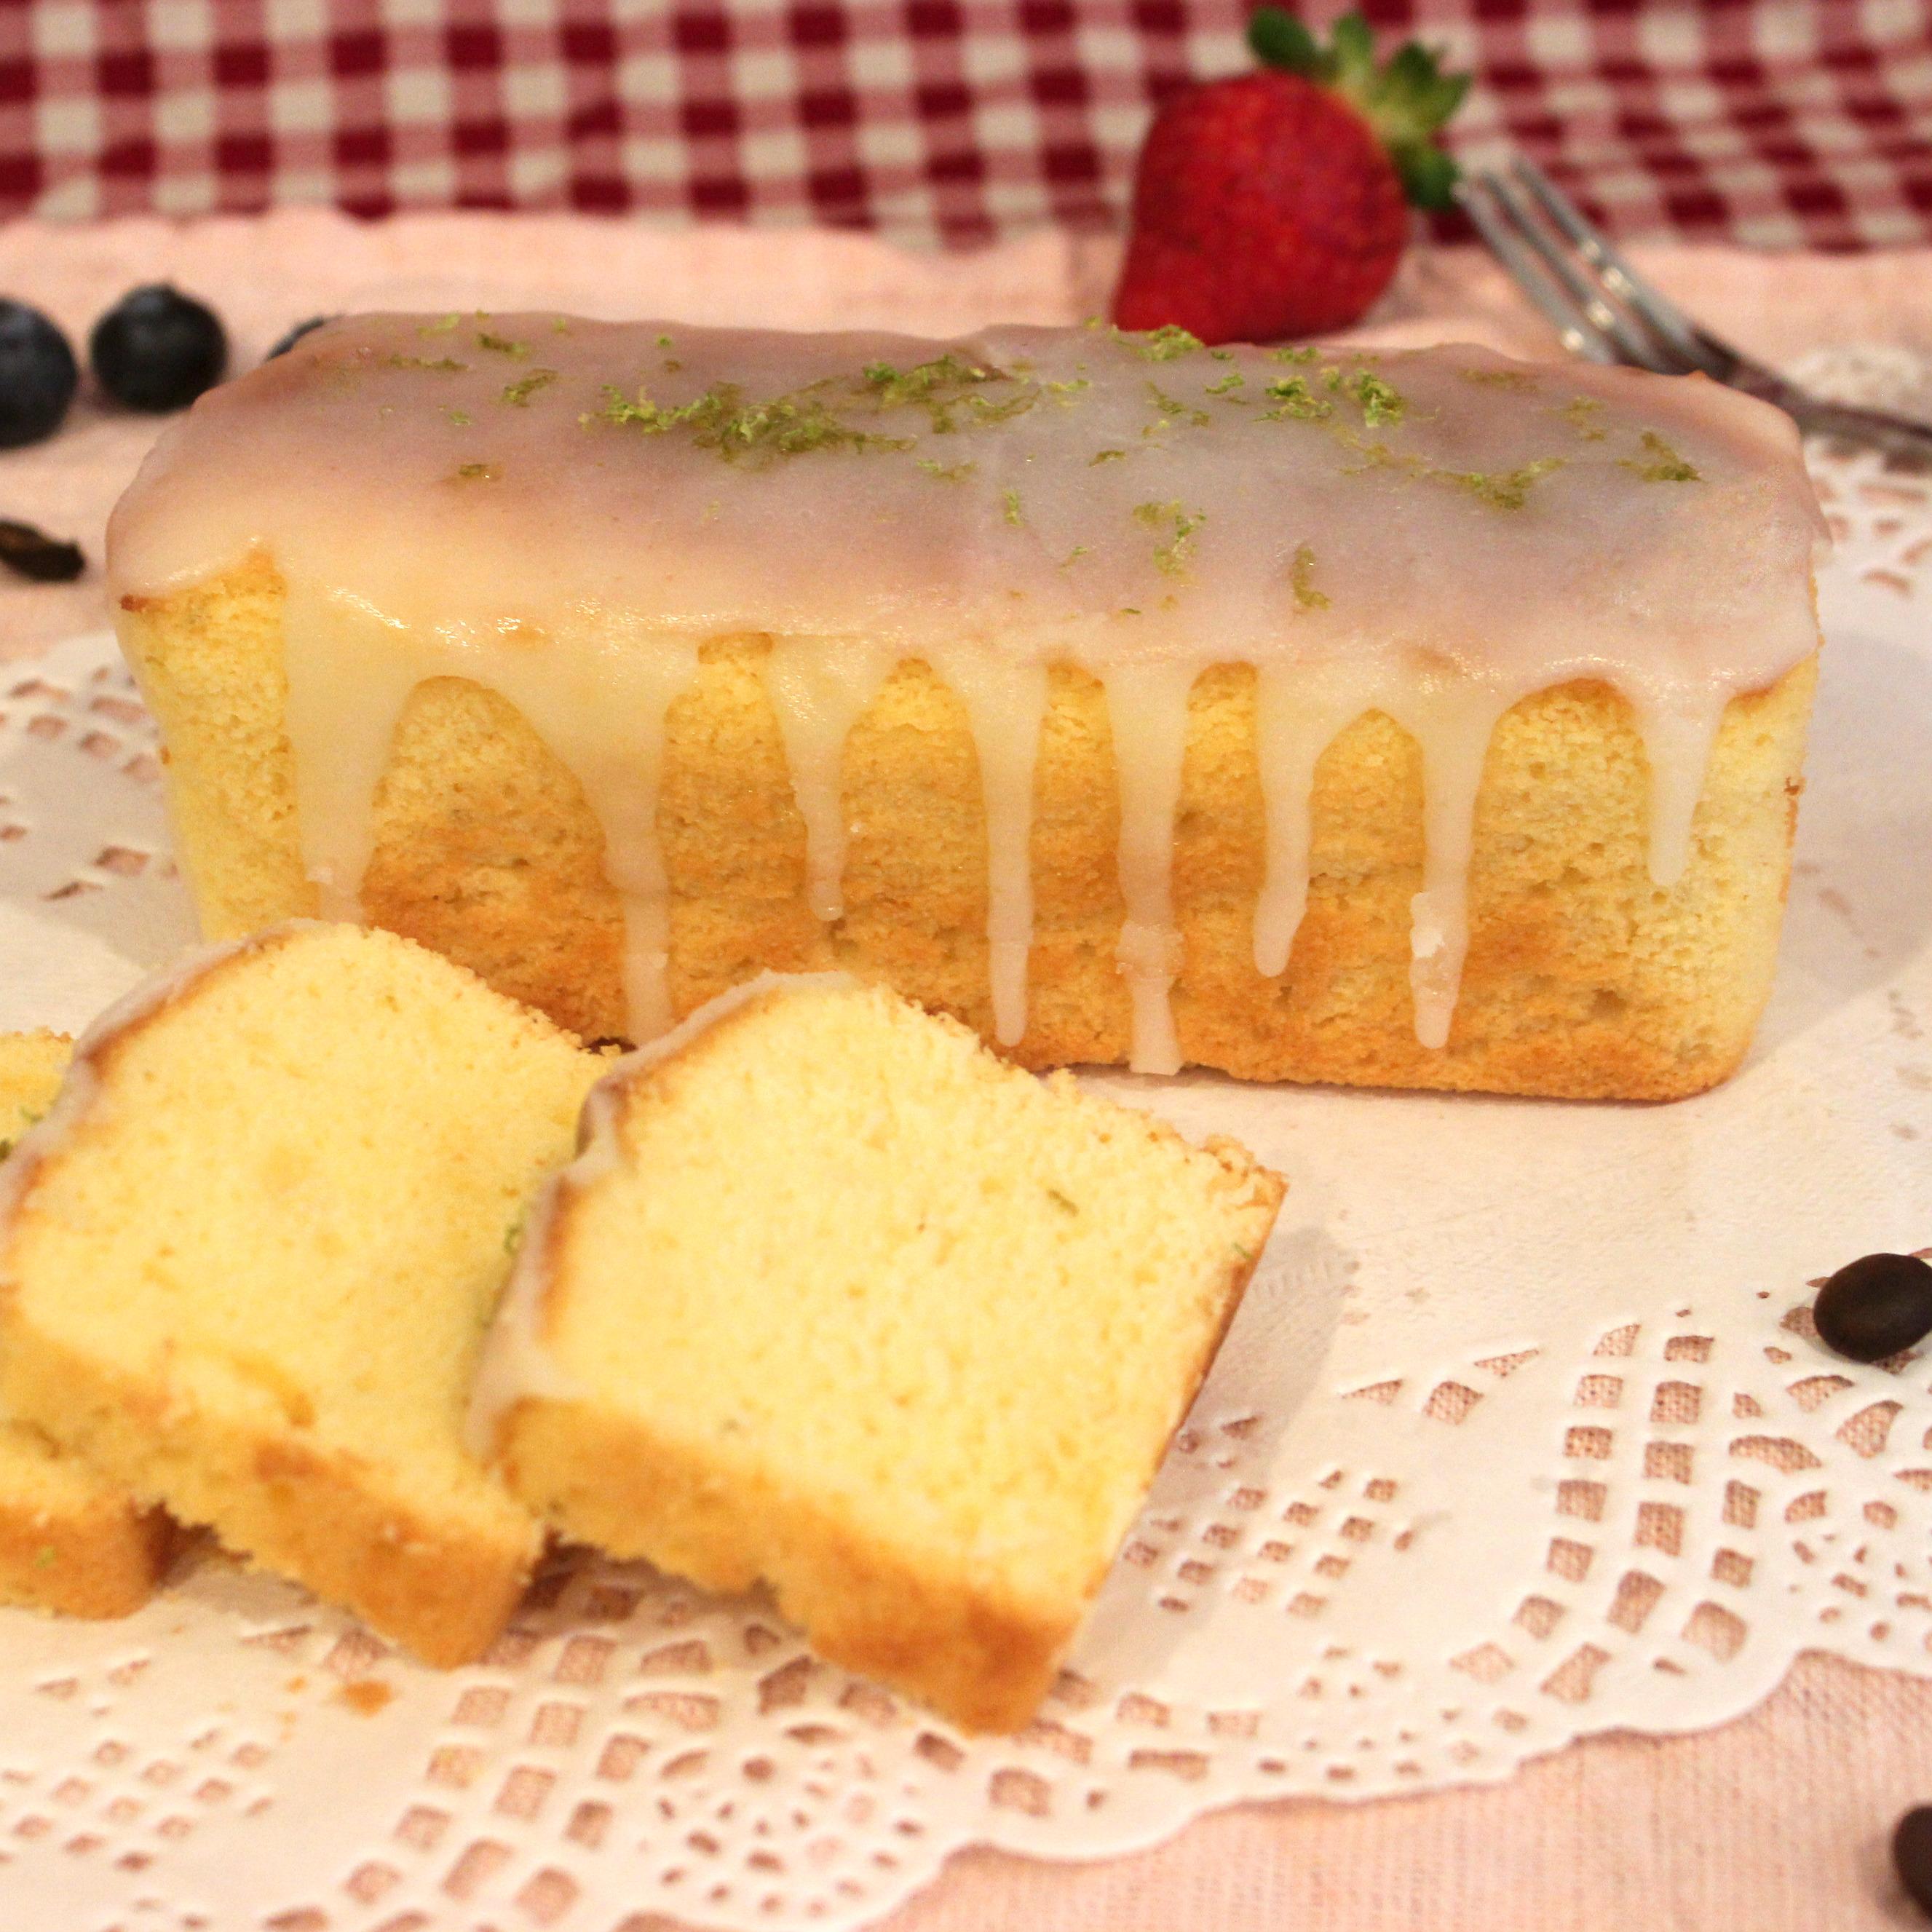 ⊙⊙糖霜檸檬磅蛋糕(14公分)⊙⊙美食/團購/甜點/蛋糕